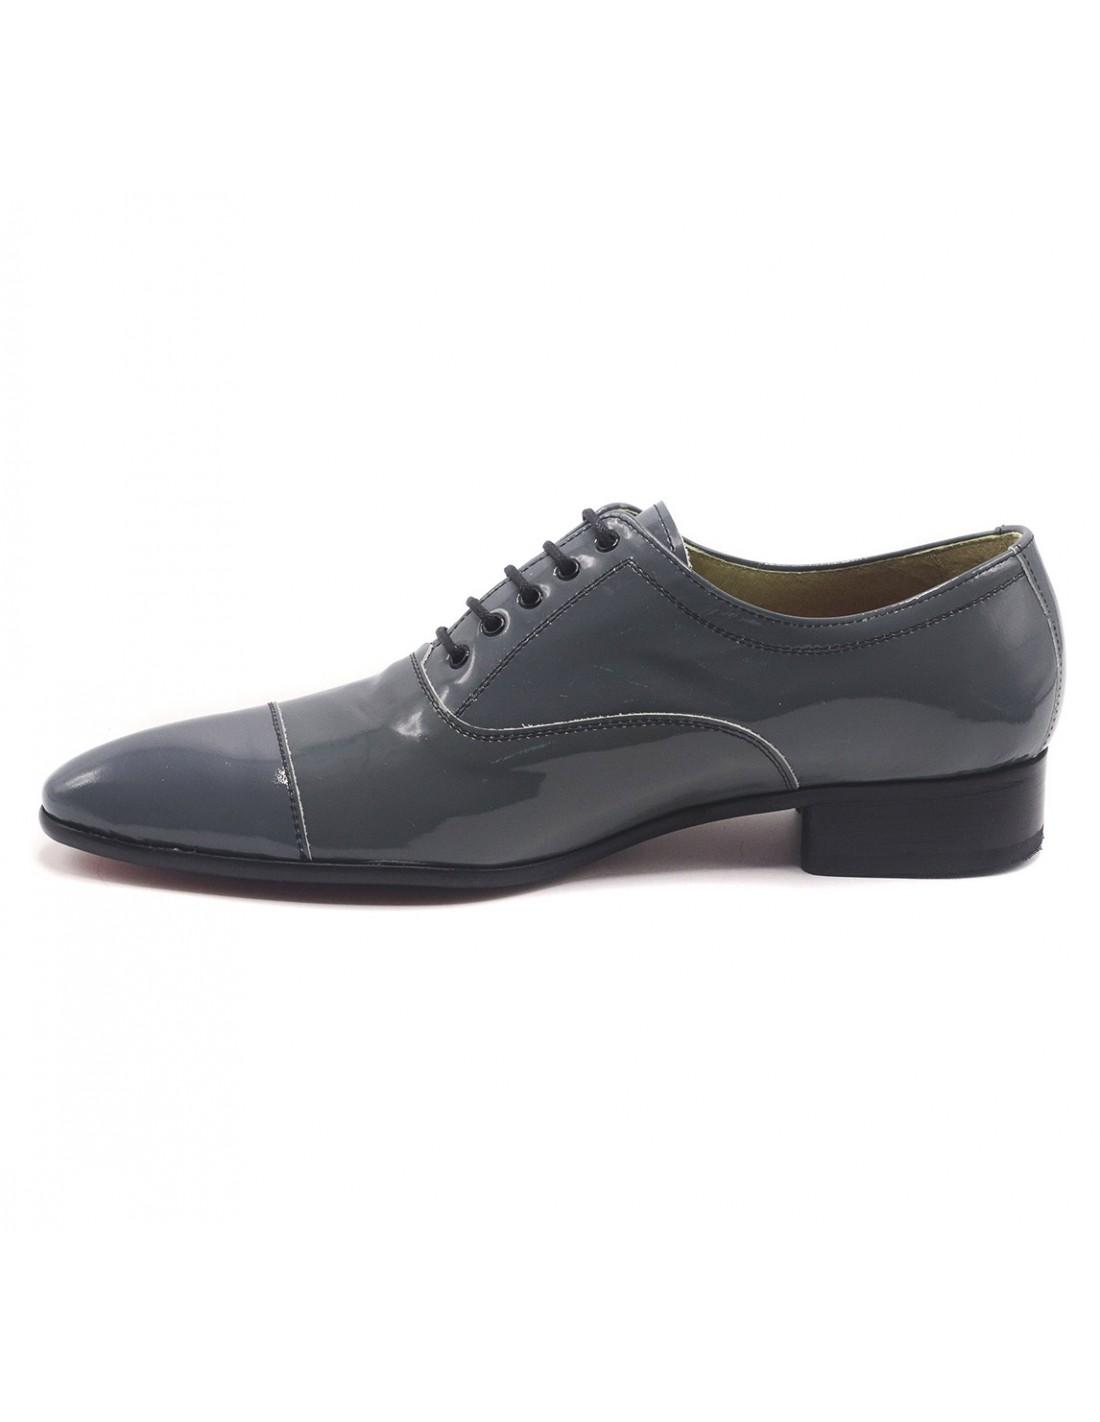 Chaussures de danse personnalisables chaussures danse for Chaussures de danse de salon toulouse